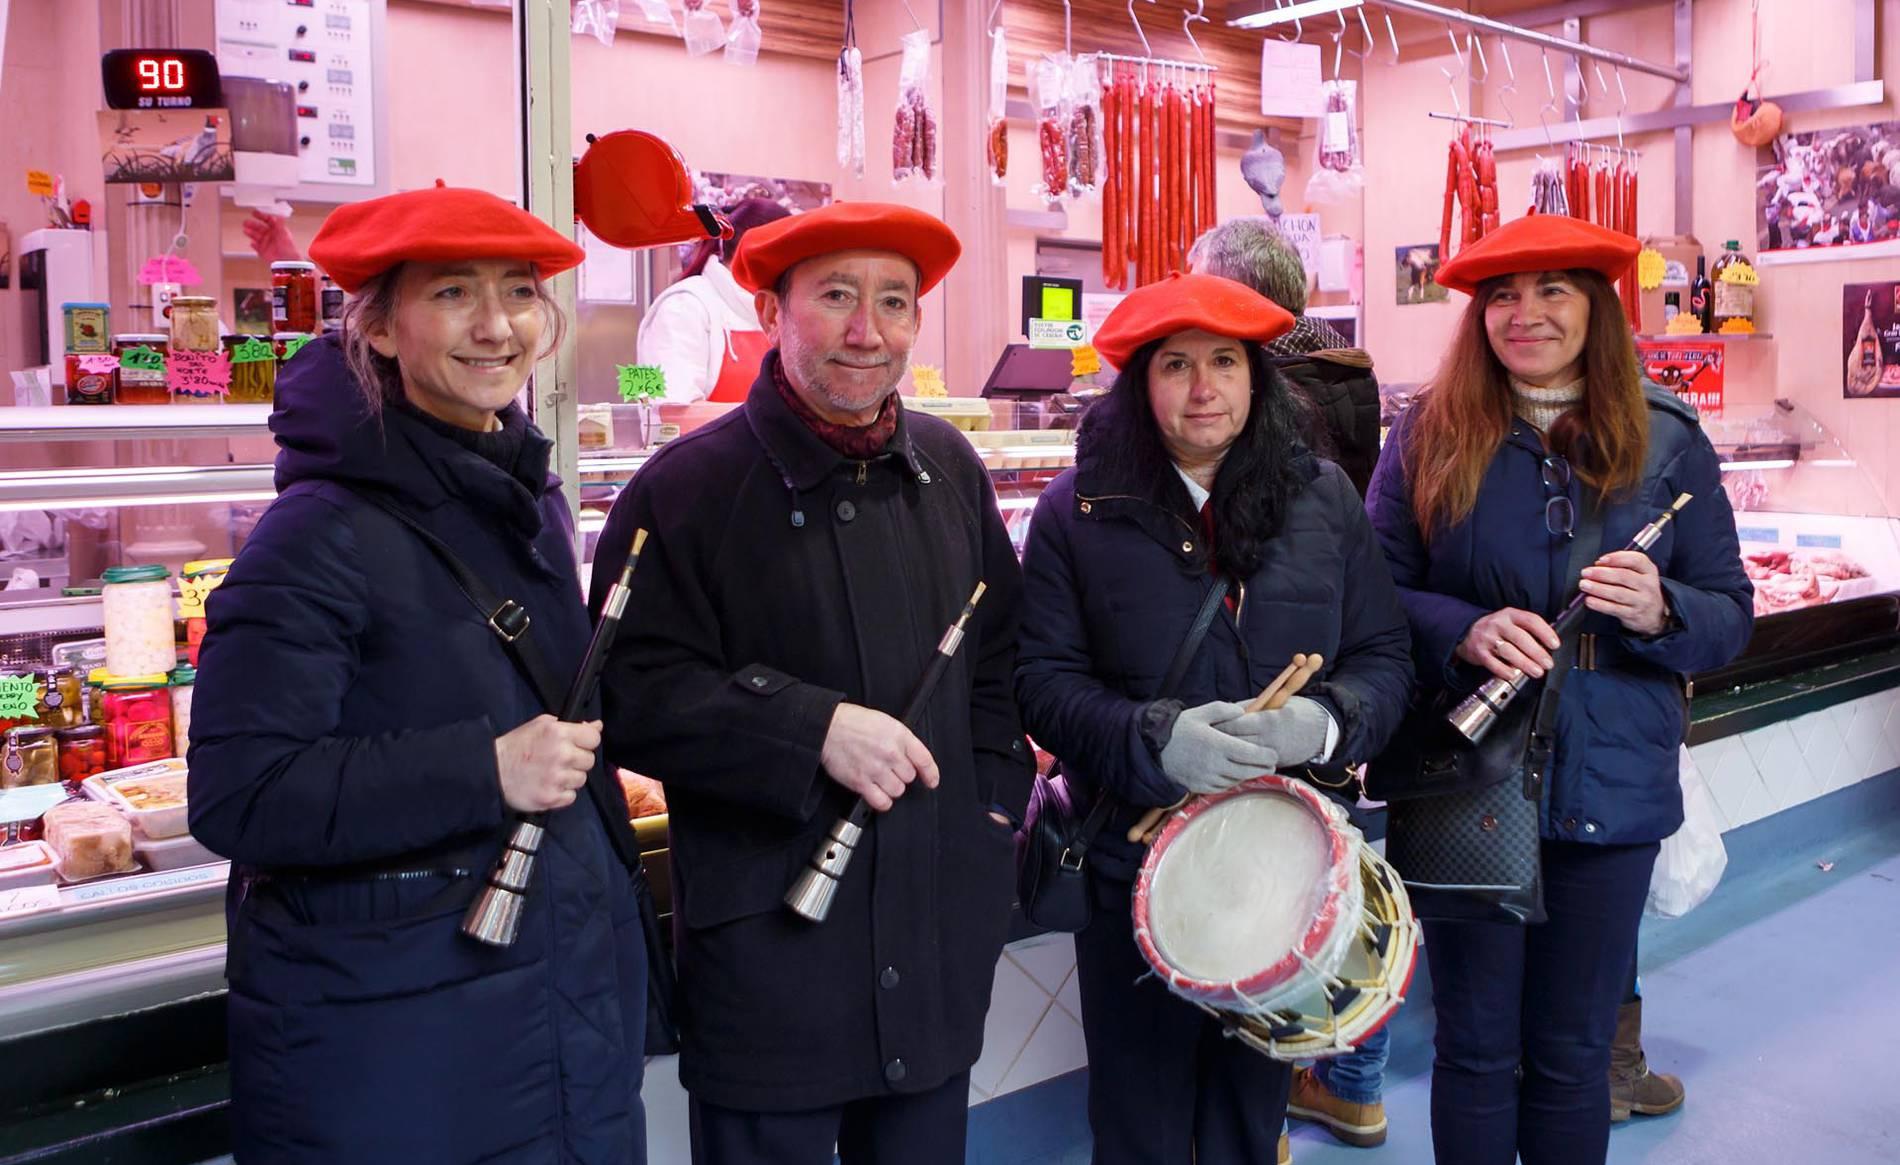 Los caldereros, de visita en el mercado (1/10) - El sábado 3 de febrero las calles del Casco Antiguo de Pamplona acogieron la fiesta de los caldereros, preludio de Carnaval. Dantzaris, gaiteros y los gigantes de fuego Don Lancelot y Doña Graziosa de Arazuri participaron en la comitiva, que hizo una parada en el Mercado de Santo Domingo. La fiestas continuó a la tarde con una chocolatada y un concierto final. - Navarra -